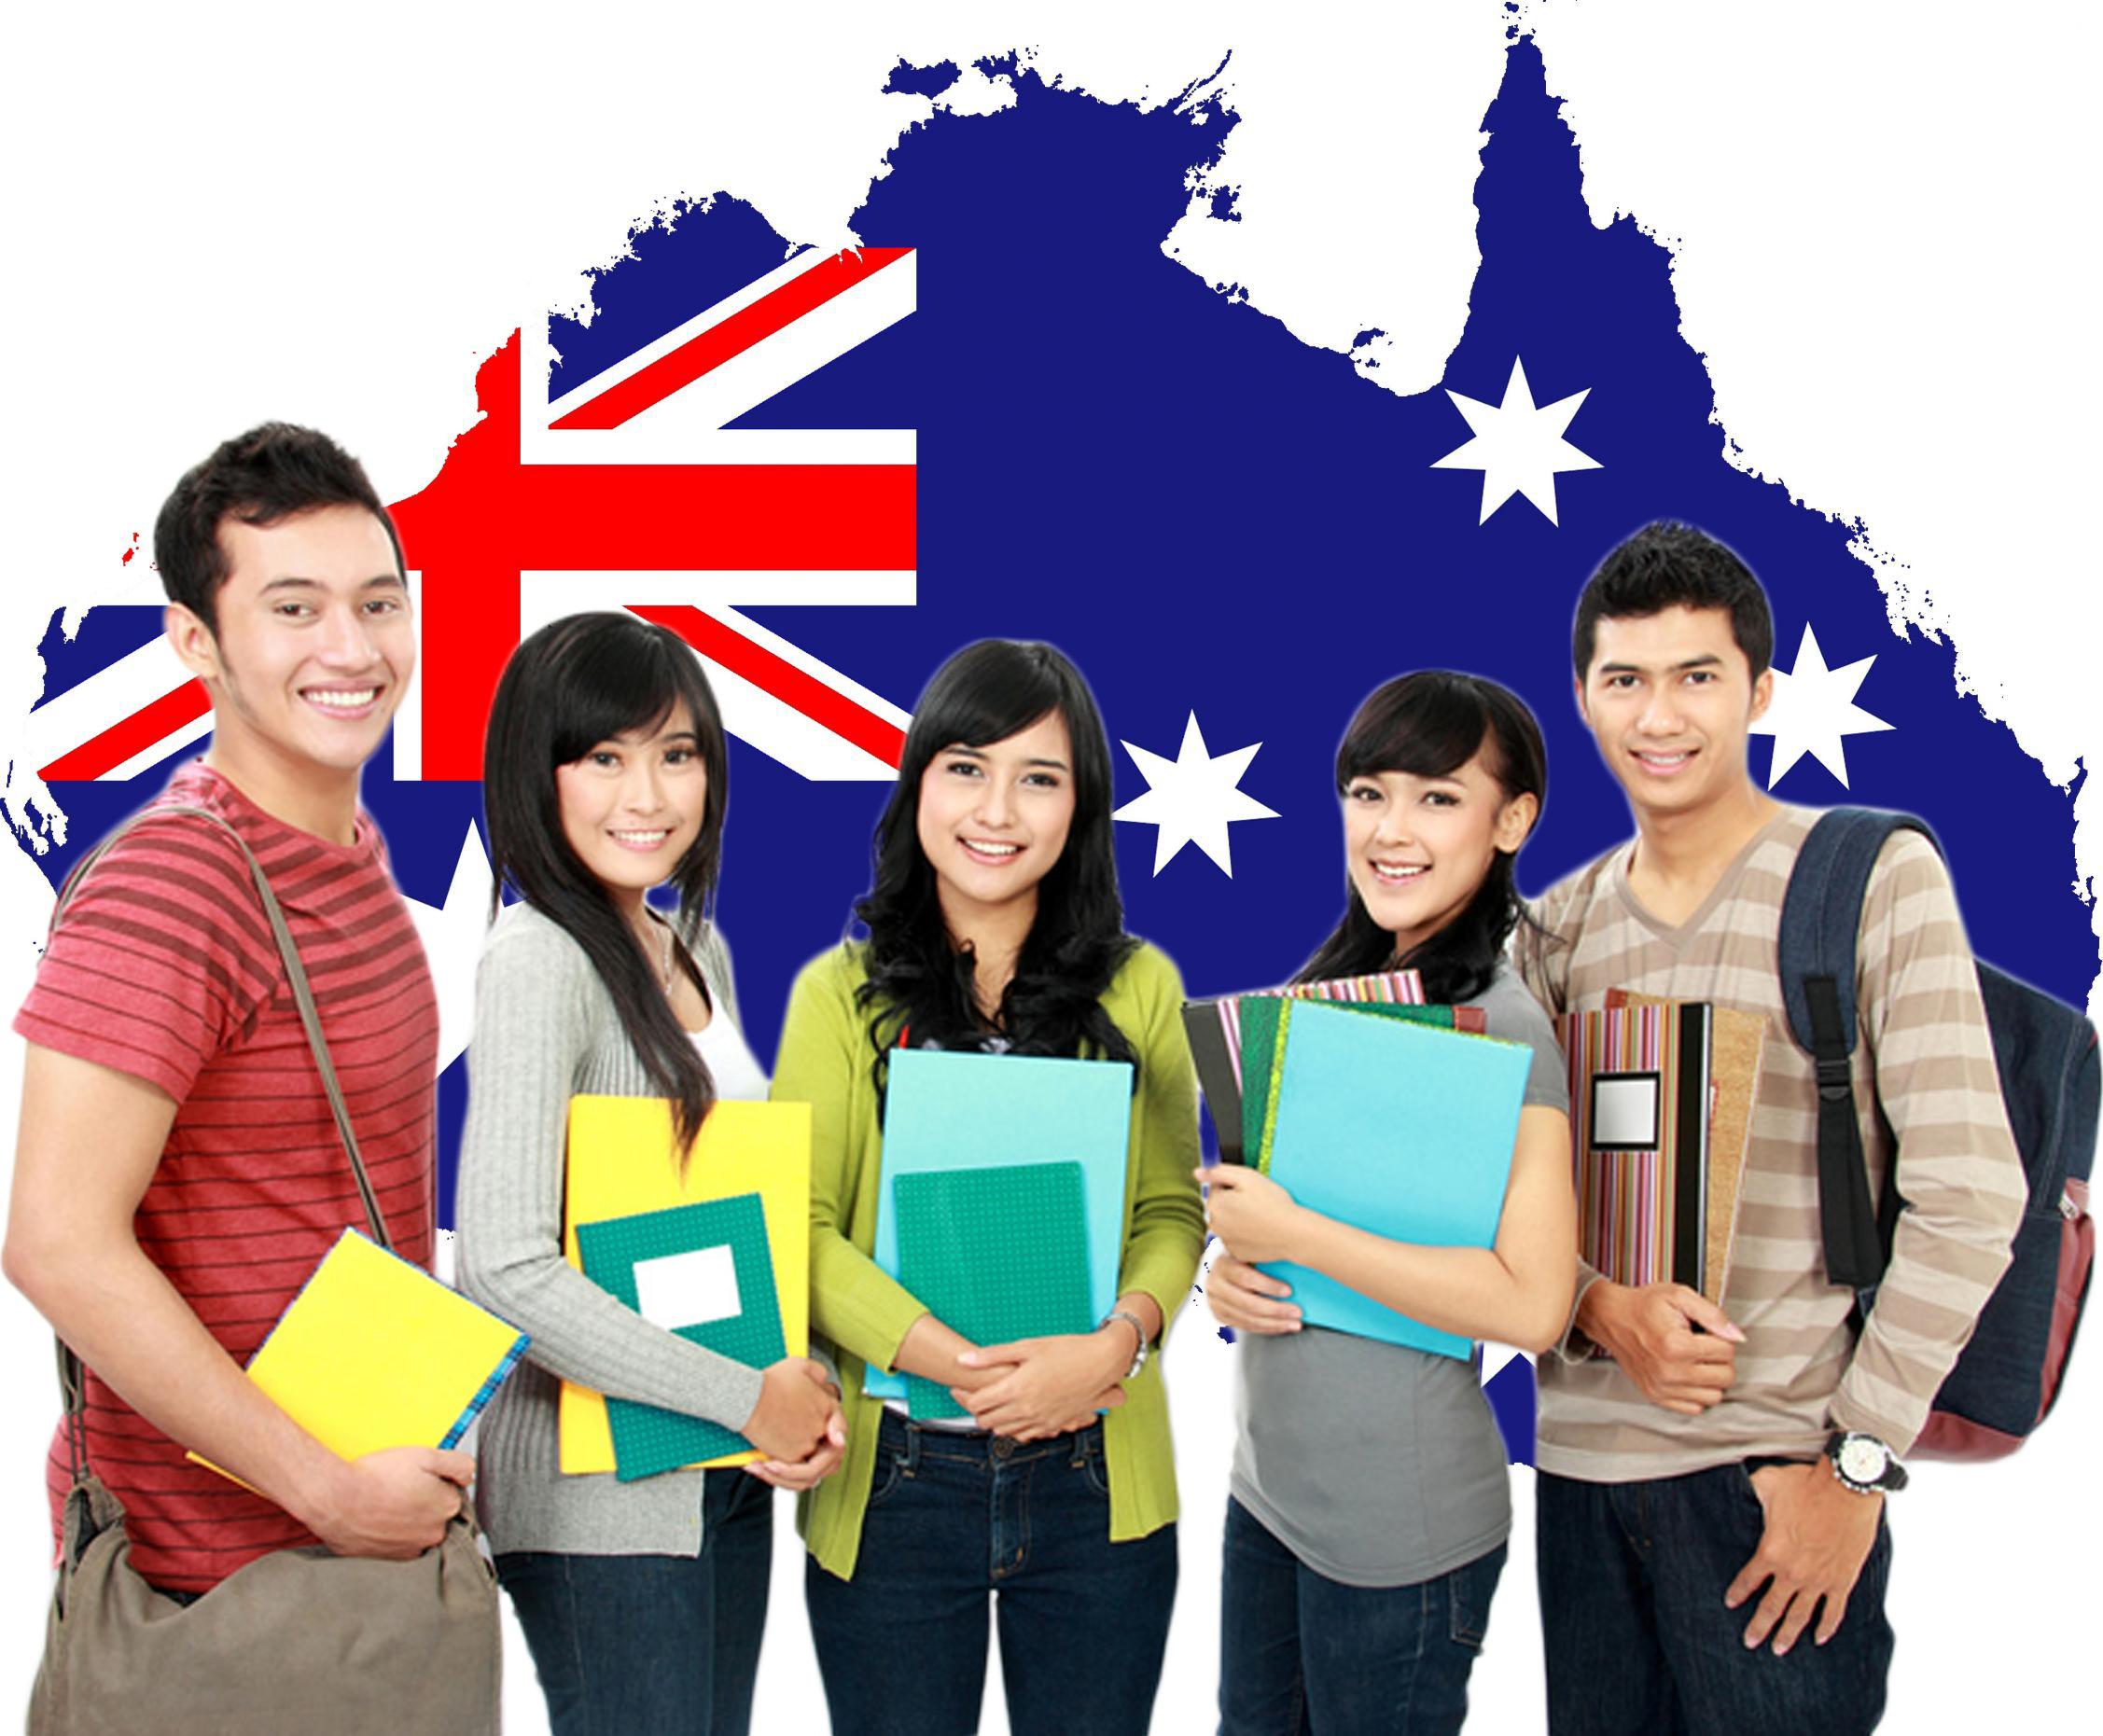 TOP 10 lý do đại đa số học sinh nước ta muốn du học (2)